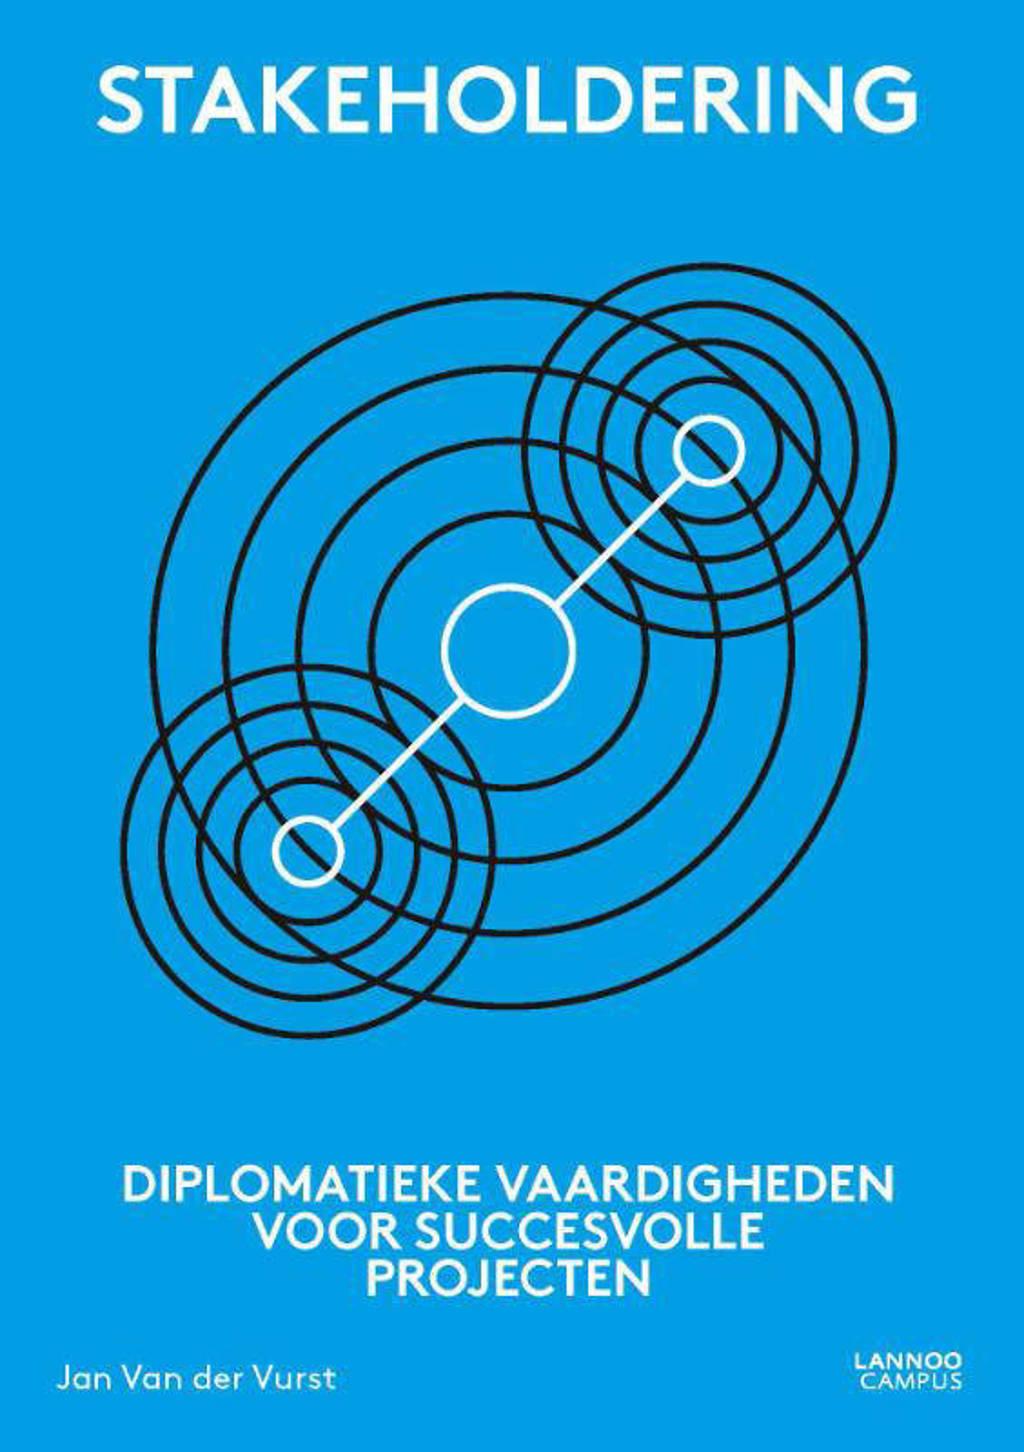 Stakeholdering - Jan Van der Vurst